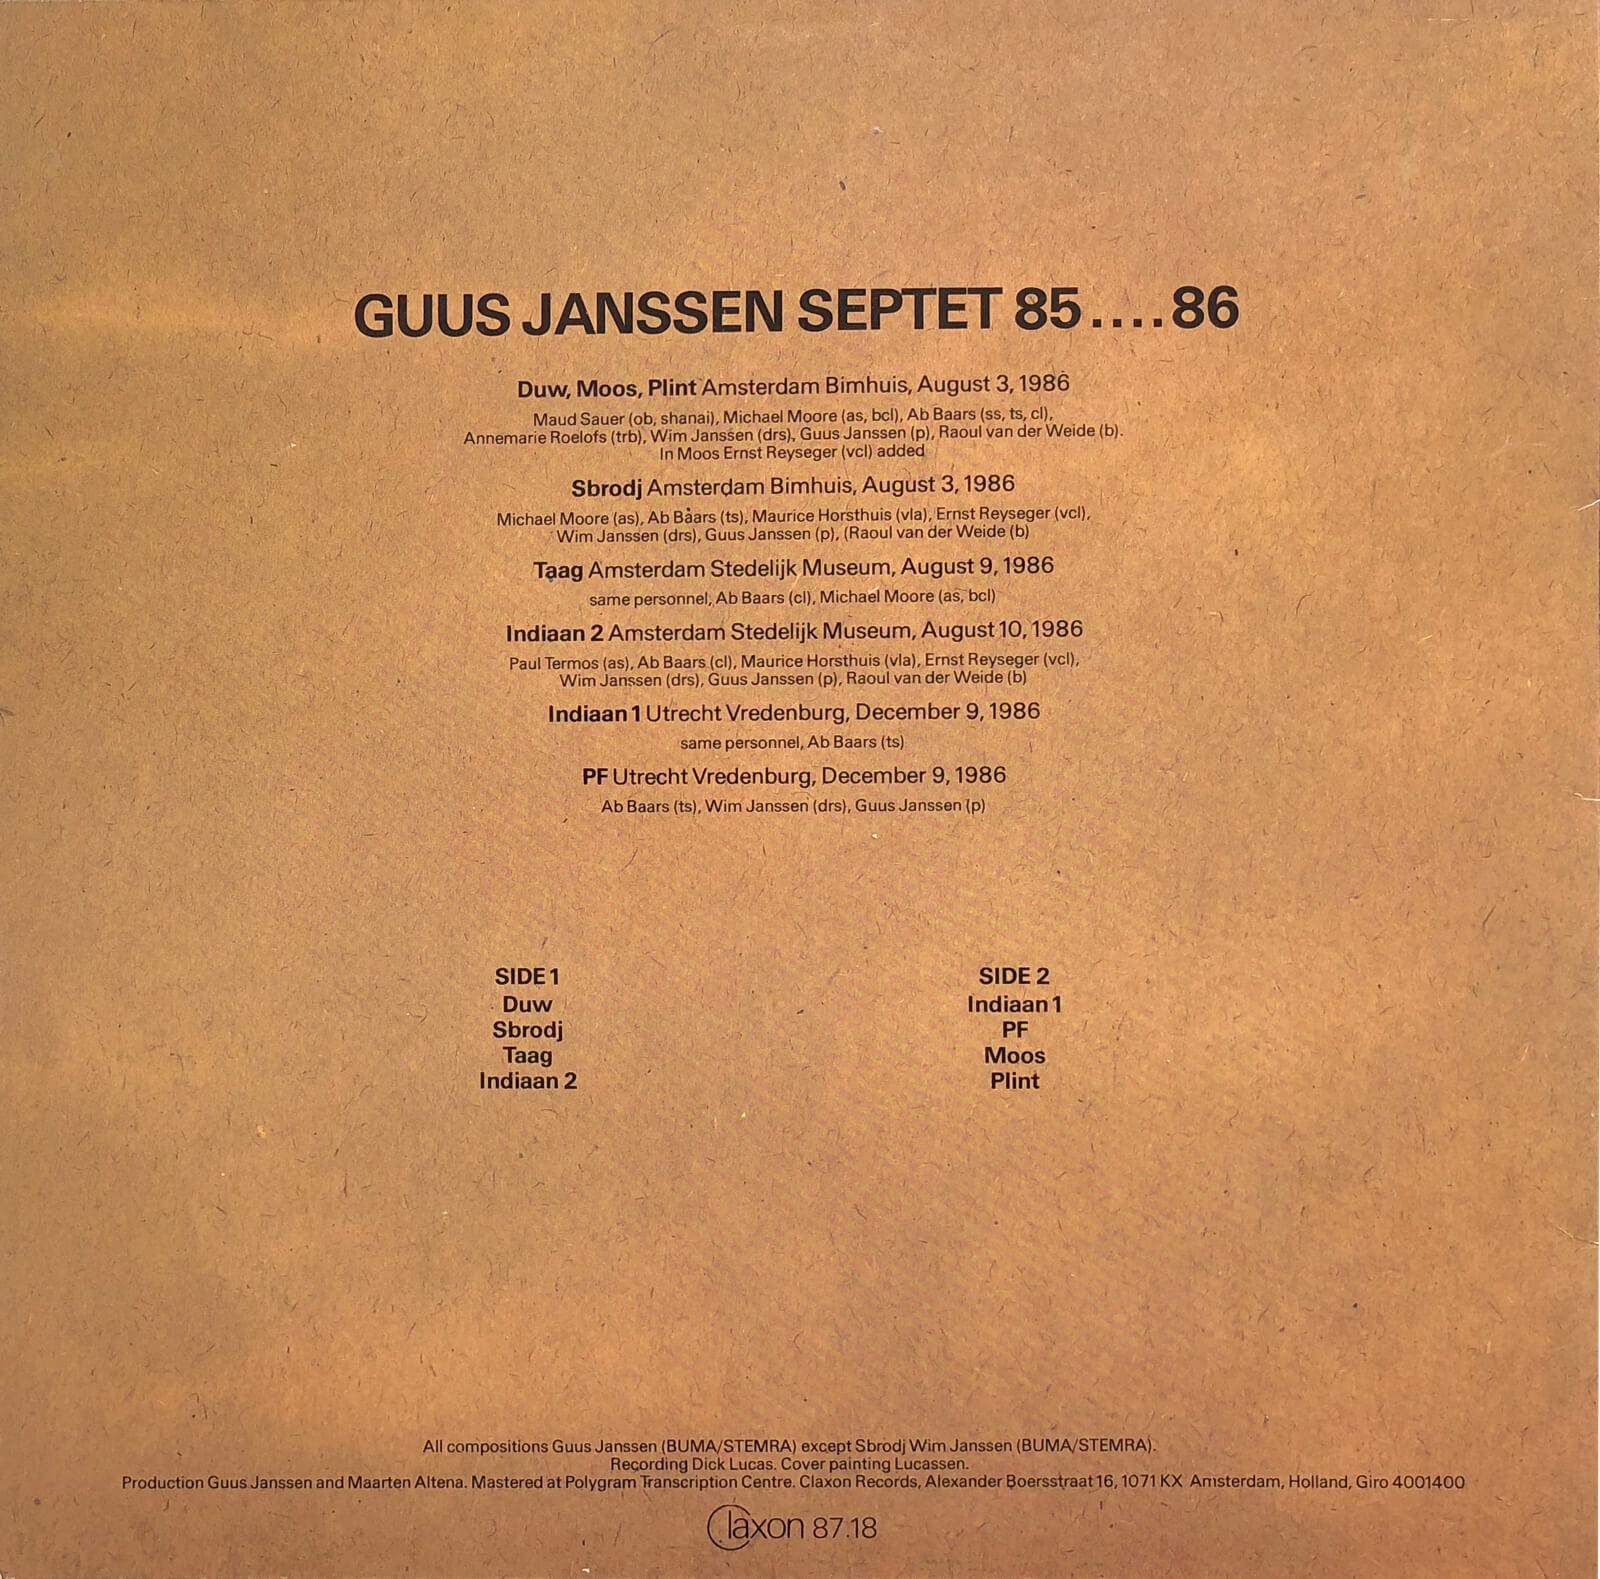 2018-09-06 - guus-janssen-septet-achterkant.jpg